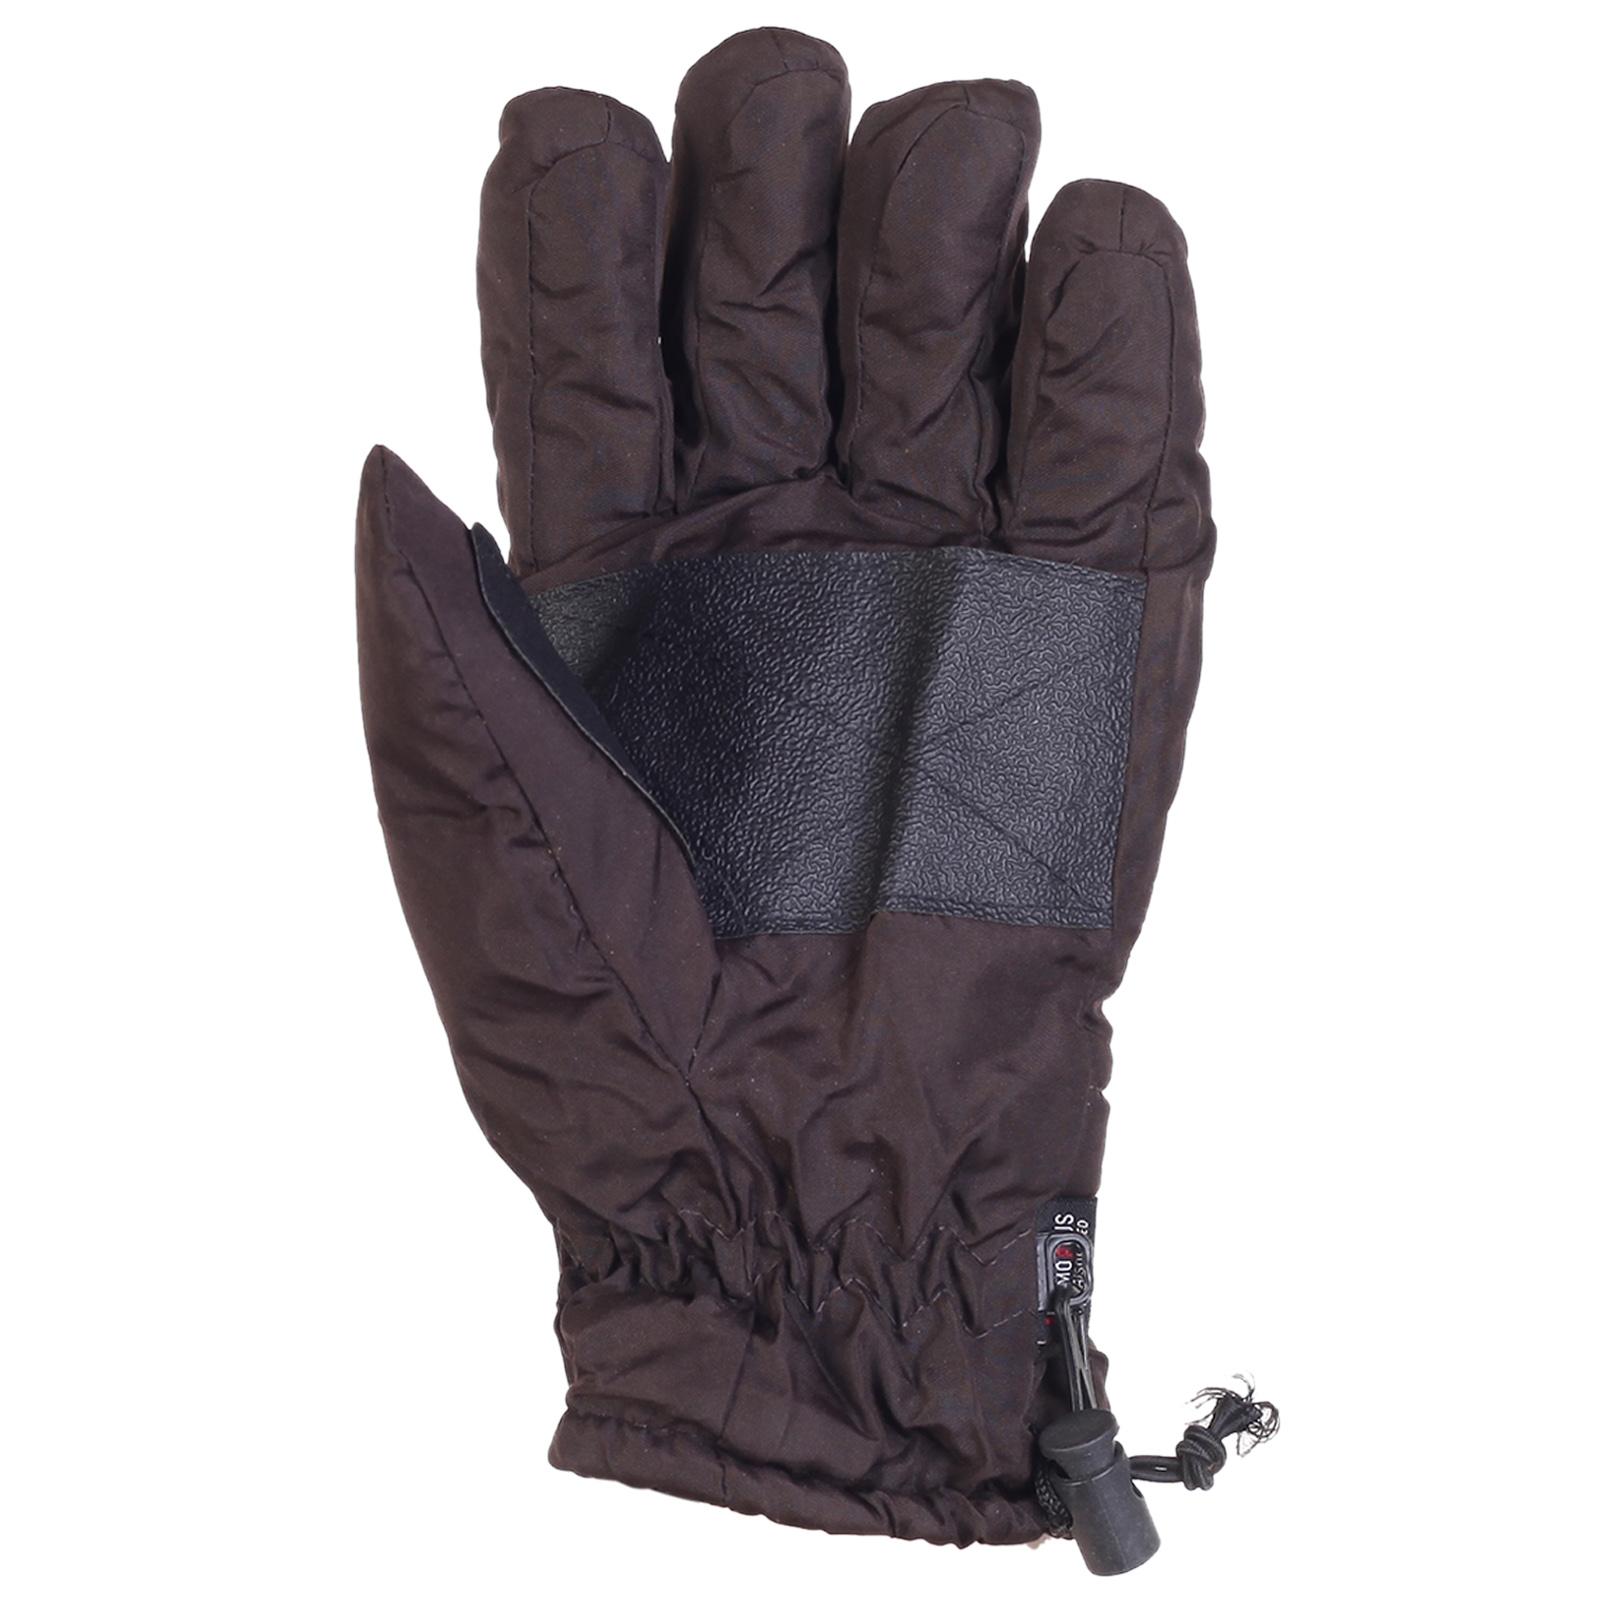 Дутые теплые перчатки Termo Plus